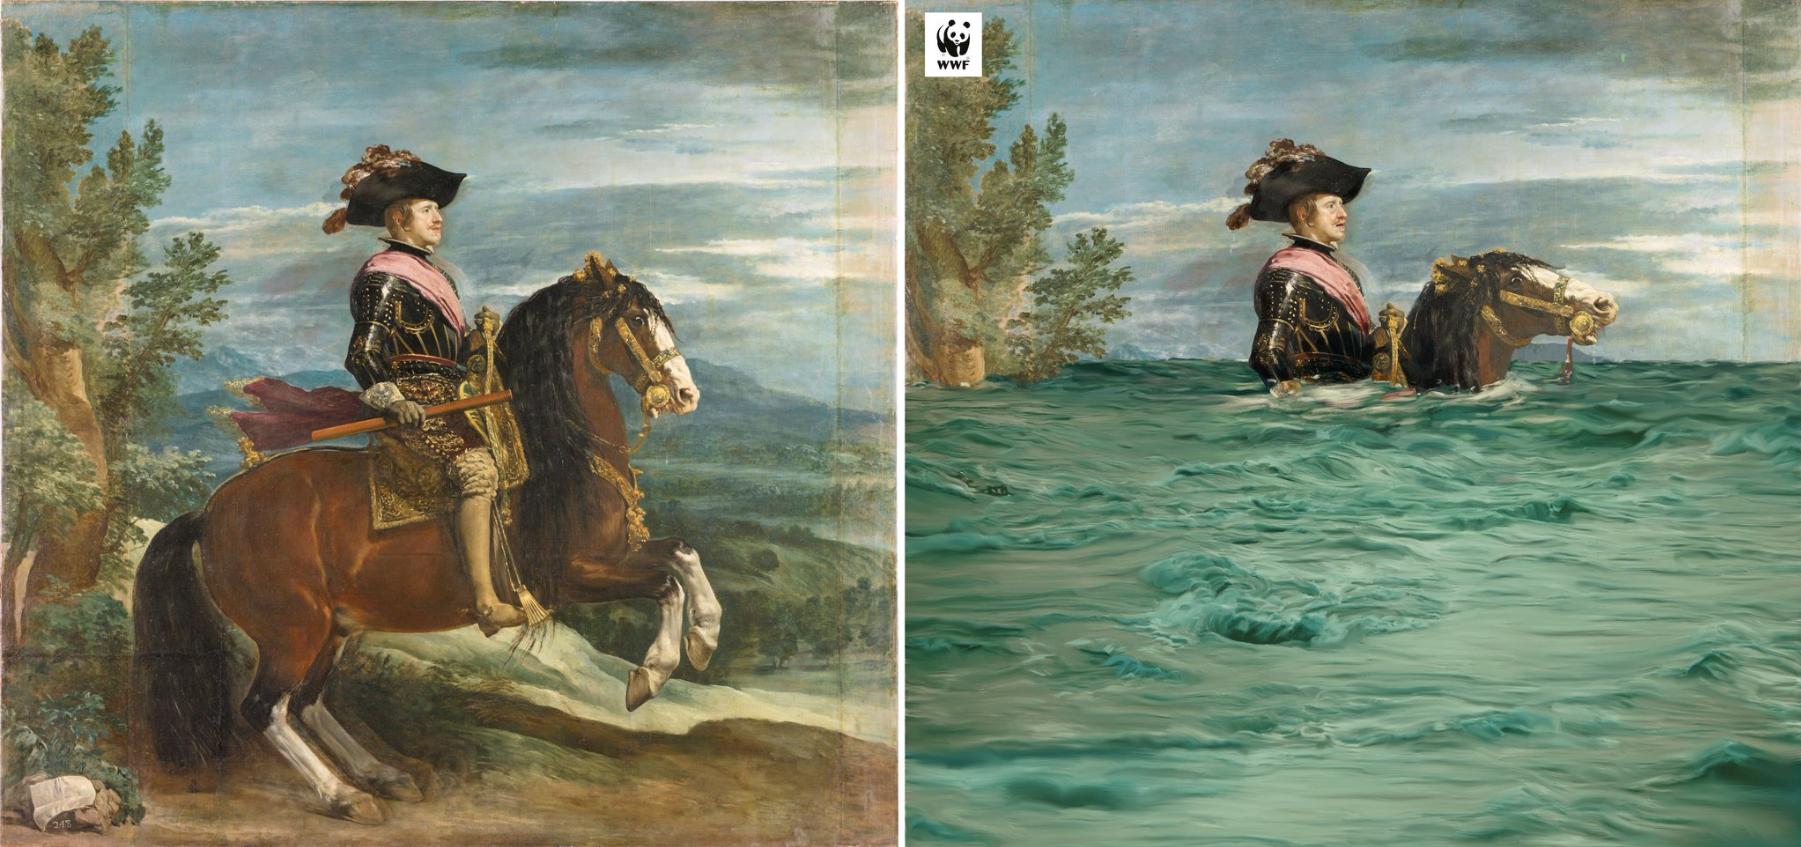 照片中提到了WWF,包含了príncipebaltasar carlos a caballo 1635龐帕度夫人、迭戈·貝拉斯克斯(DiegoVelázquez)、阿斯圖里亞斯王子巴爾塔薩·查爾斯(Balthasar Charles)、普拉多國家博物館、巴爾塔薩爾·查爾斯王子的馬術肖像